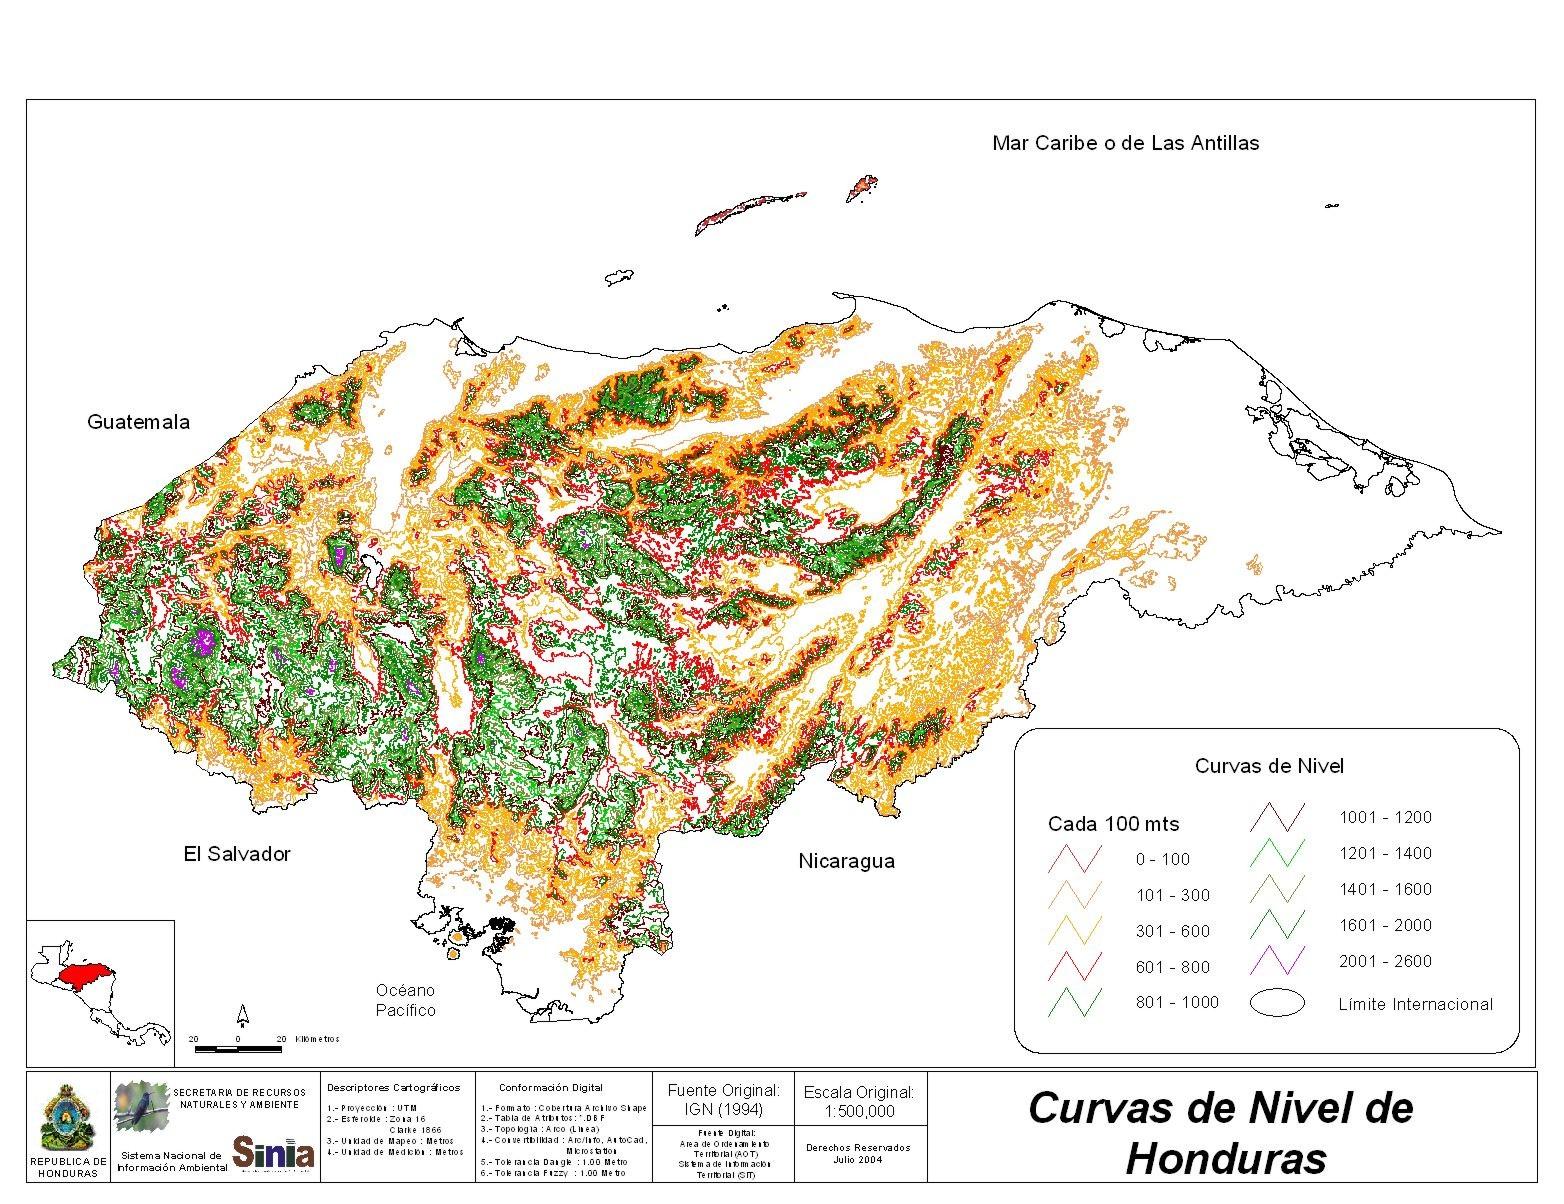 Mapa Curvas de Nivel de Honduras